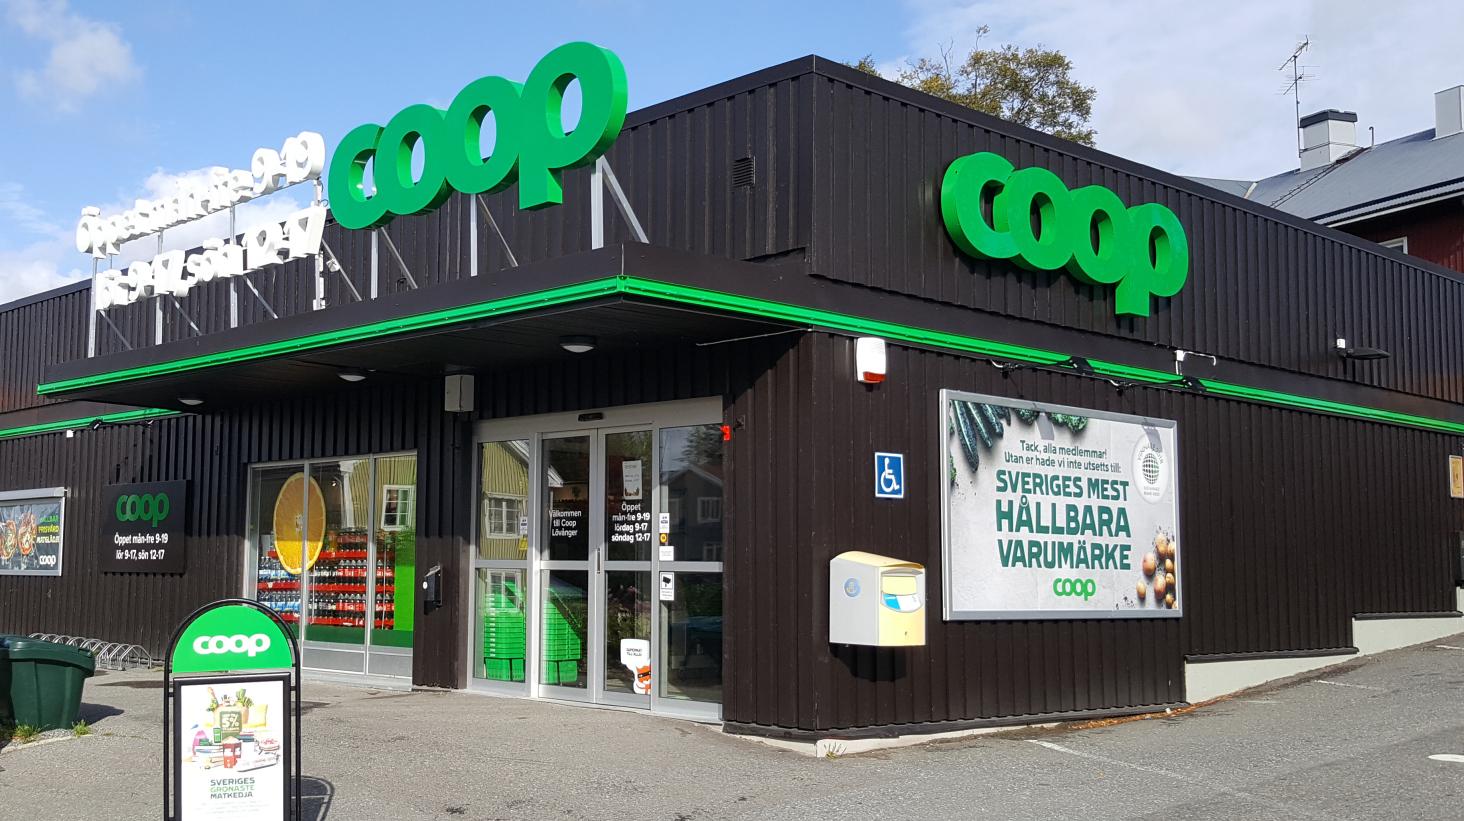 Konsumentföreningarna Göta och Coop Väst har för avsikt att fusionera